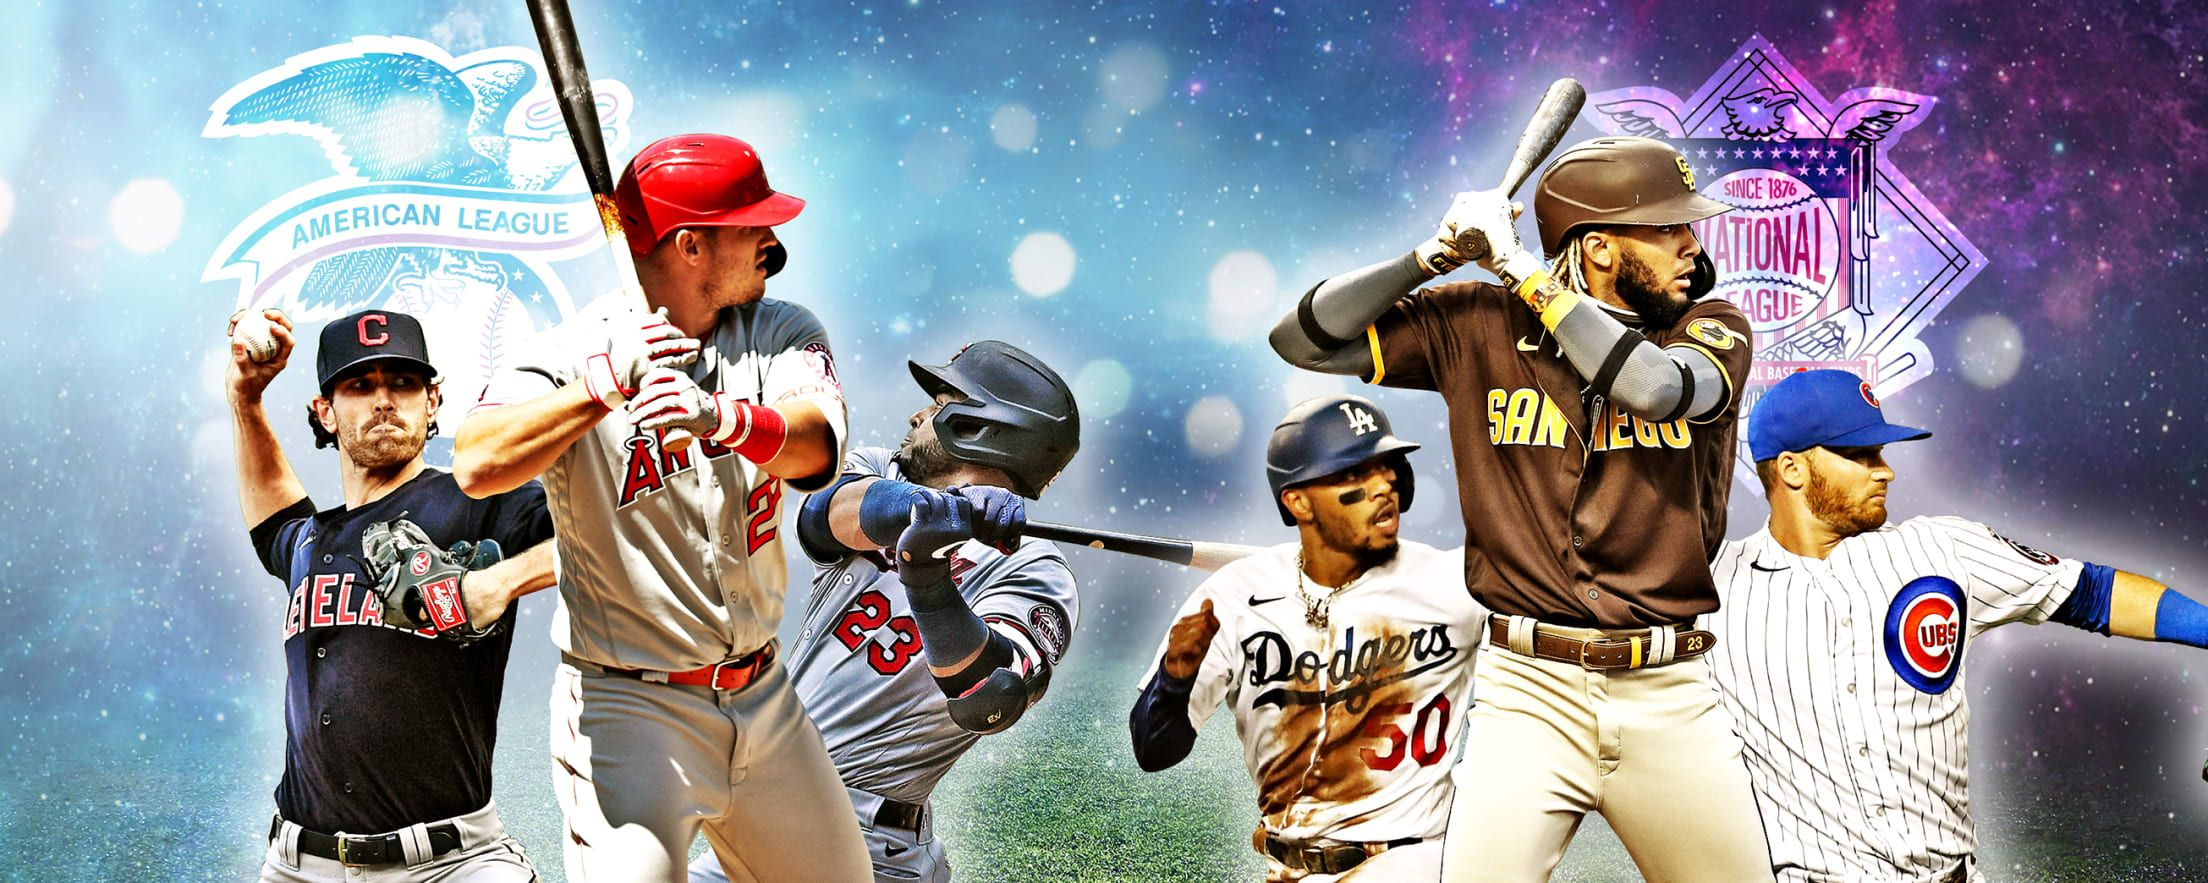 Mlb Com The Official Site Of Major League Baseball In 2020 Major League Baseball American League League